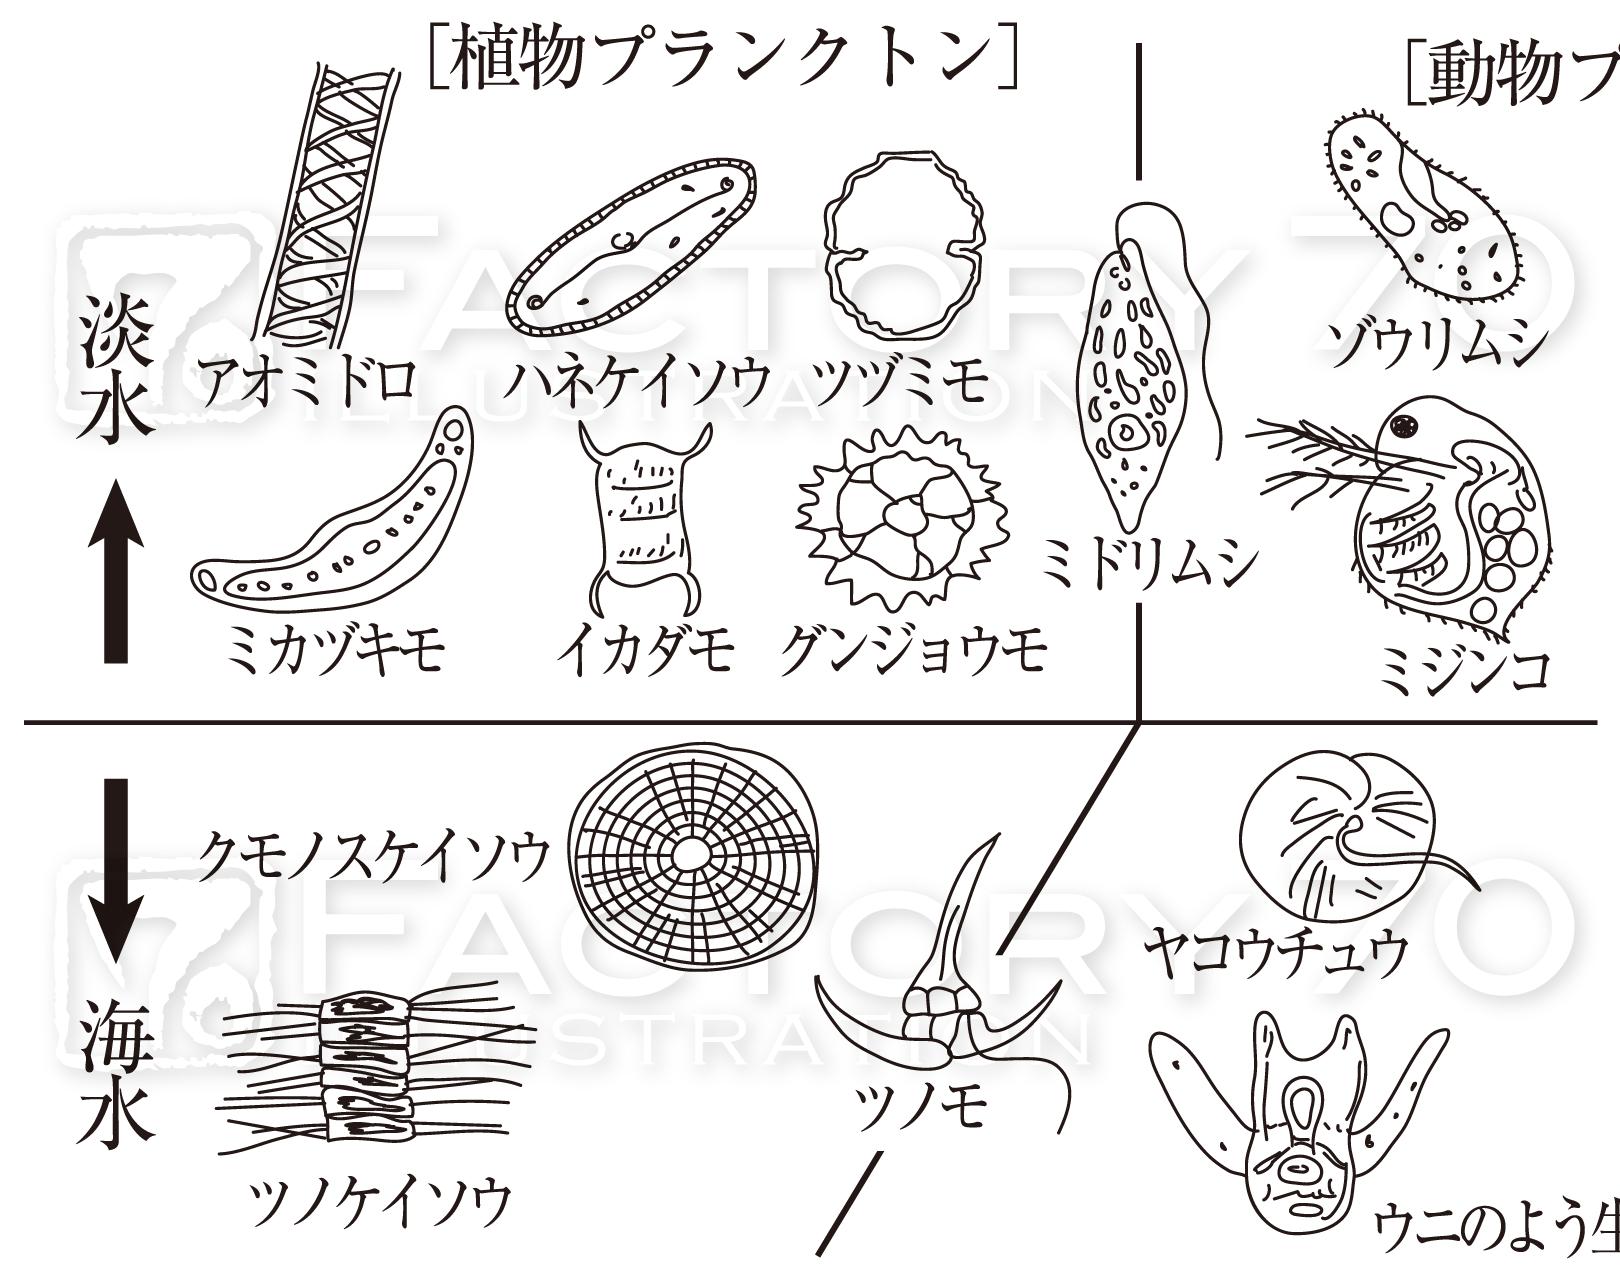 高校教科書(生物)挿絵/イラスト 制作例 窒素循環に関するイラスト 動物プランクトン/植物プランクトンのイラスト